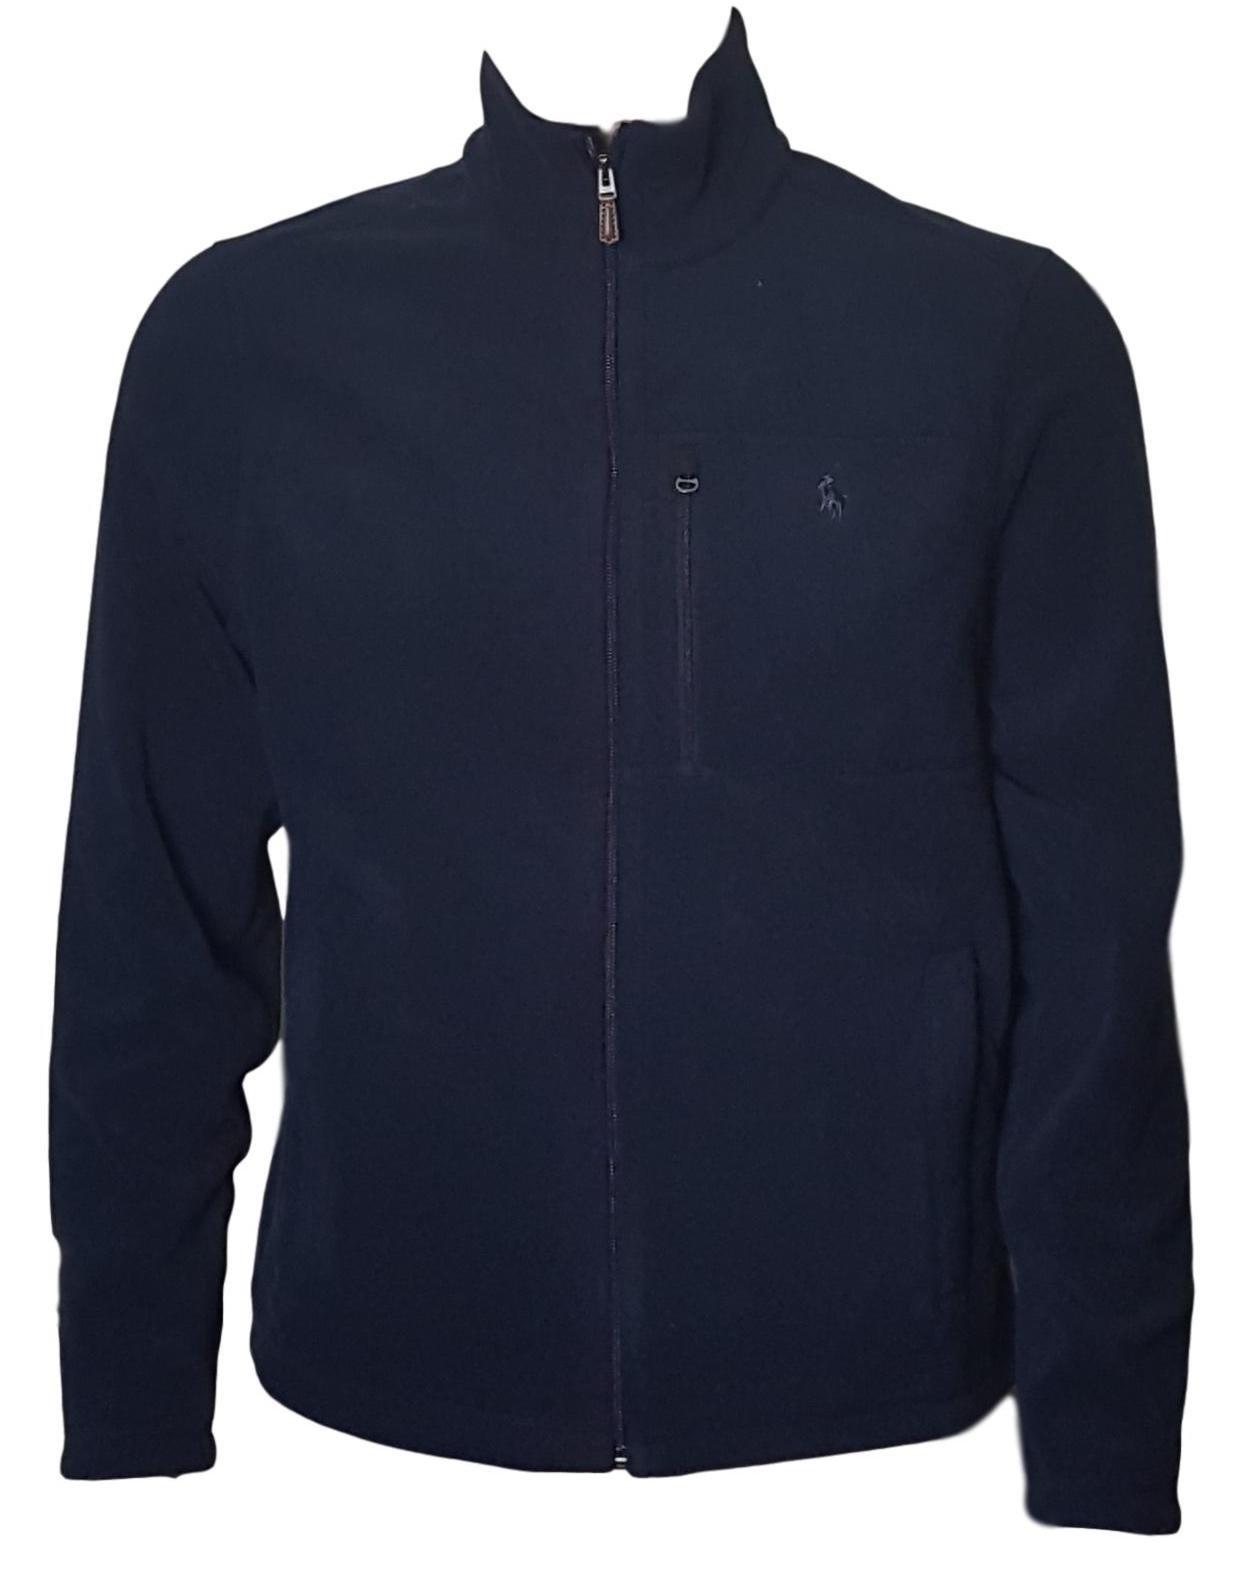 Polo Ralph Lauren Men's Performance Full Zip Fleece Jacket (XL, Navy) by Polo Ralph Lauren